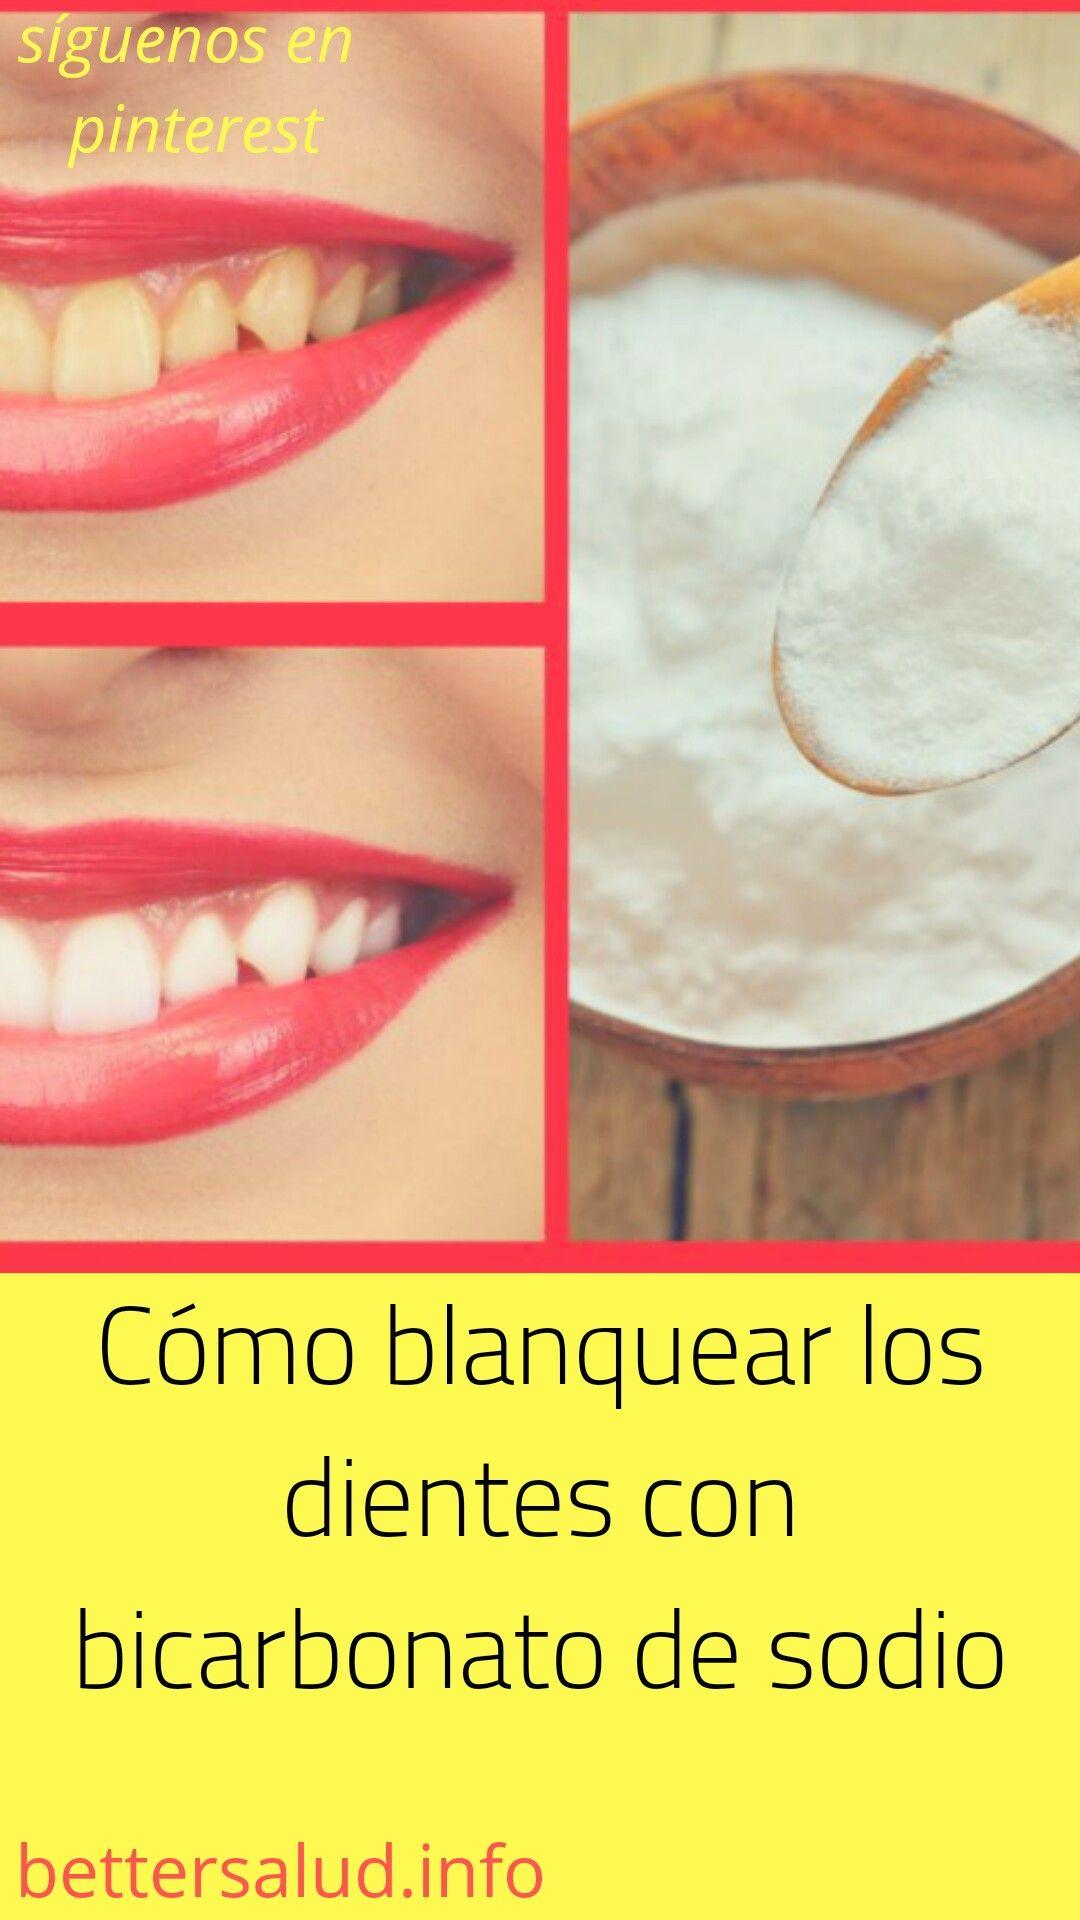 como blanquear los dientes con bicarbonato de sodio